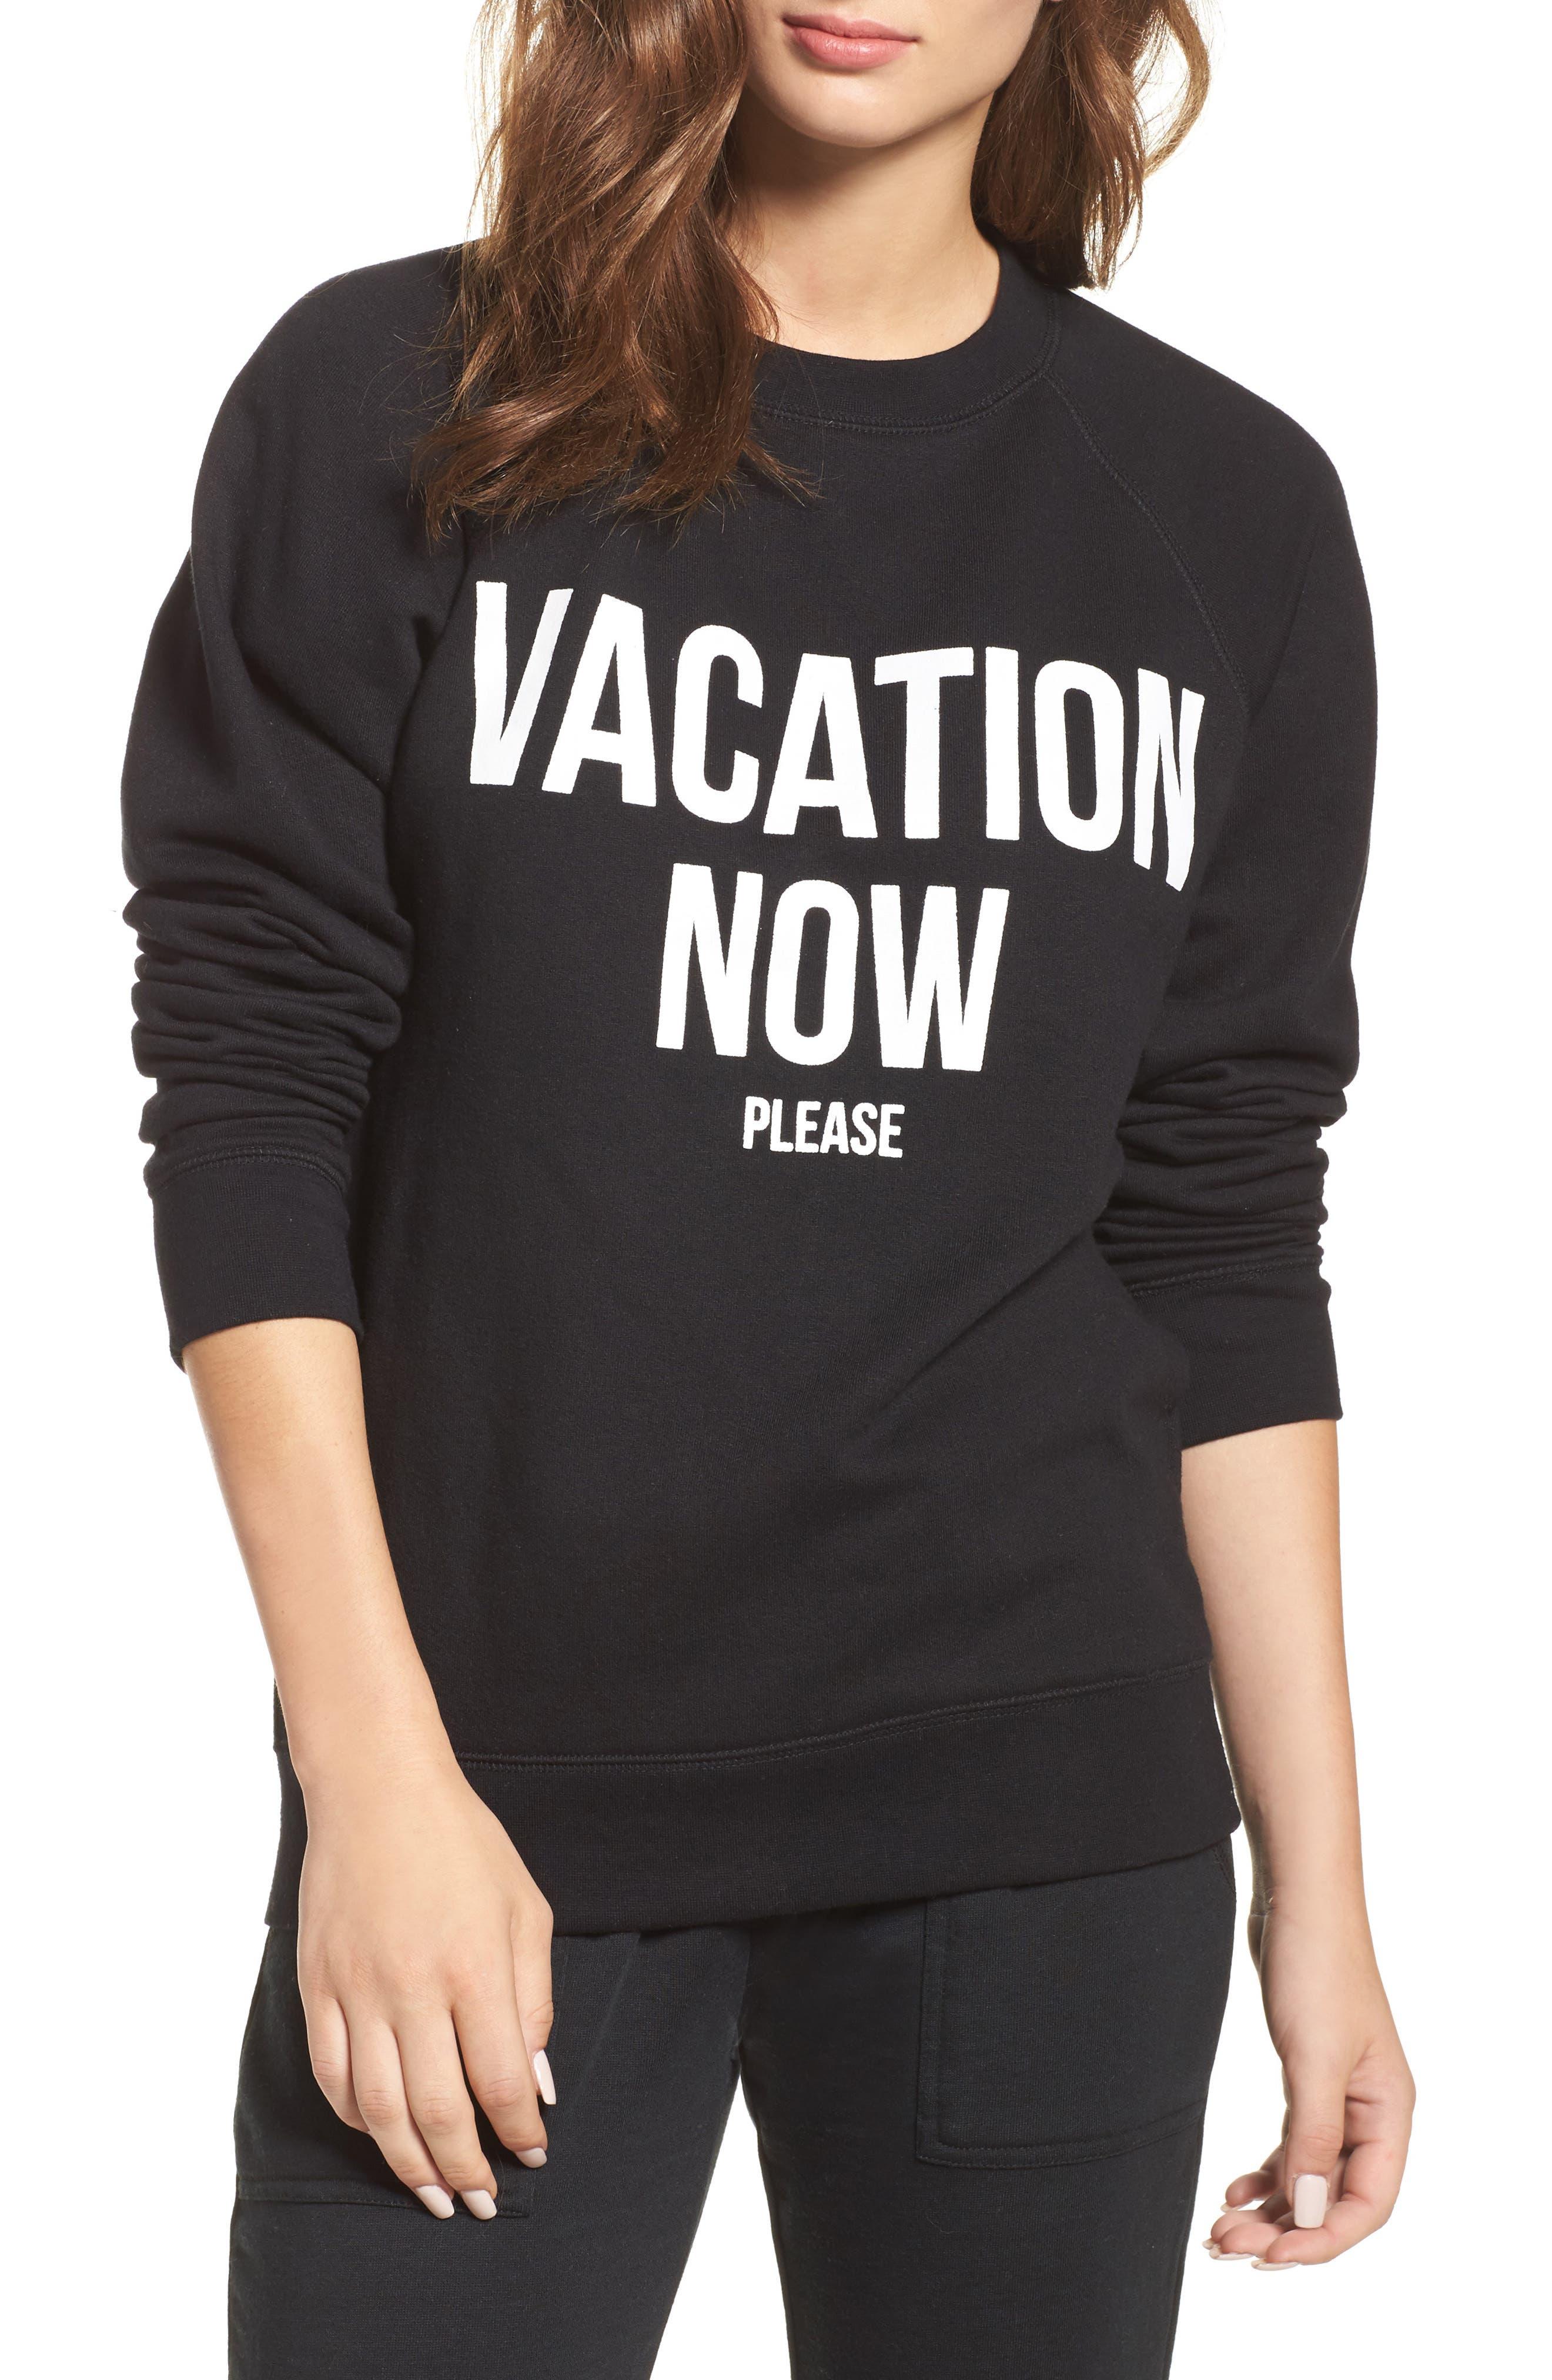 Vacation Now Sweatshirt,                             Main thumbnail 1, color,                             Black